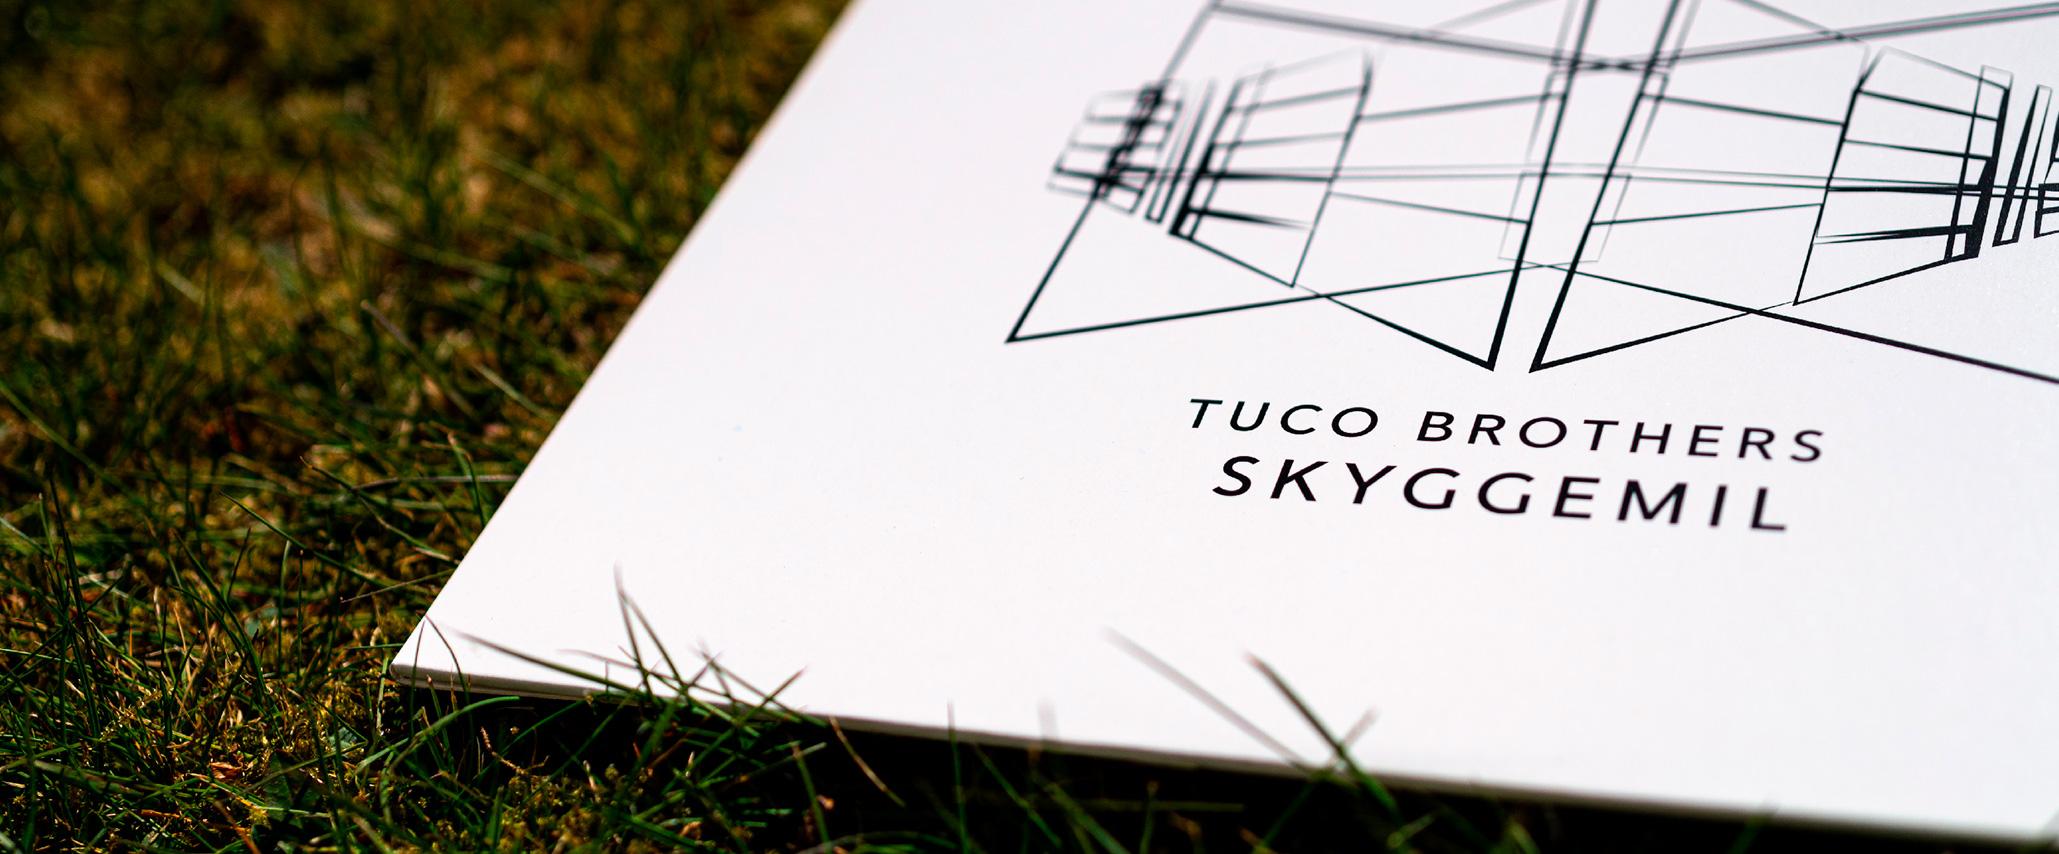 Tuco Brothers albumcover liggende i græsset